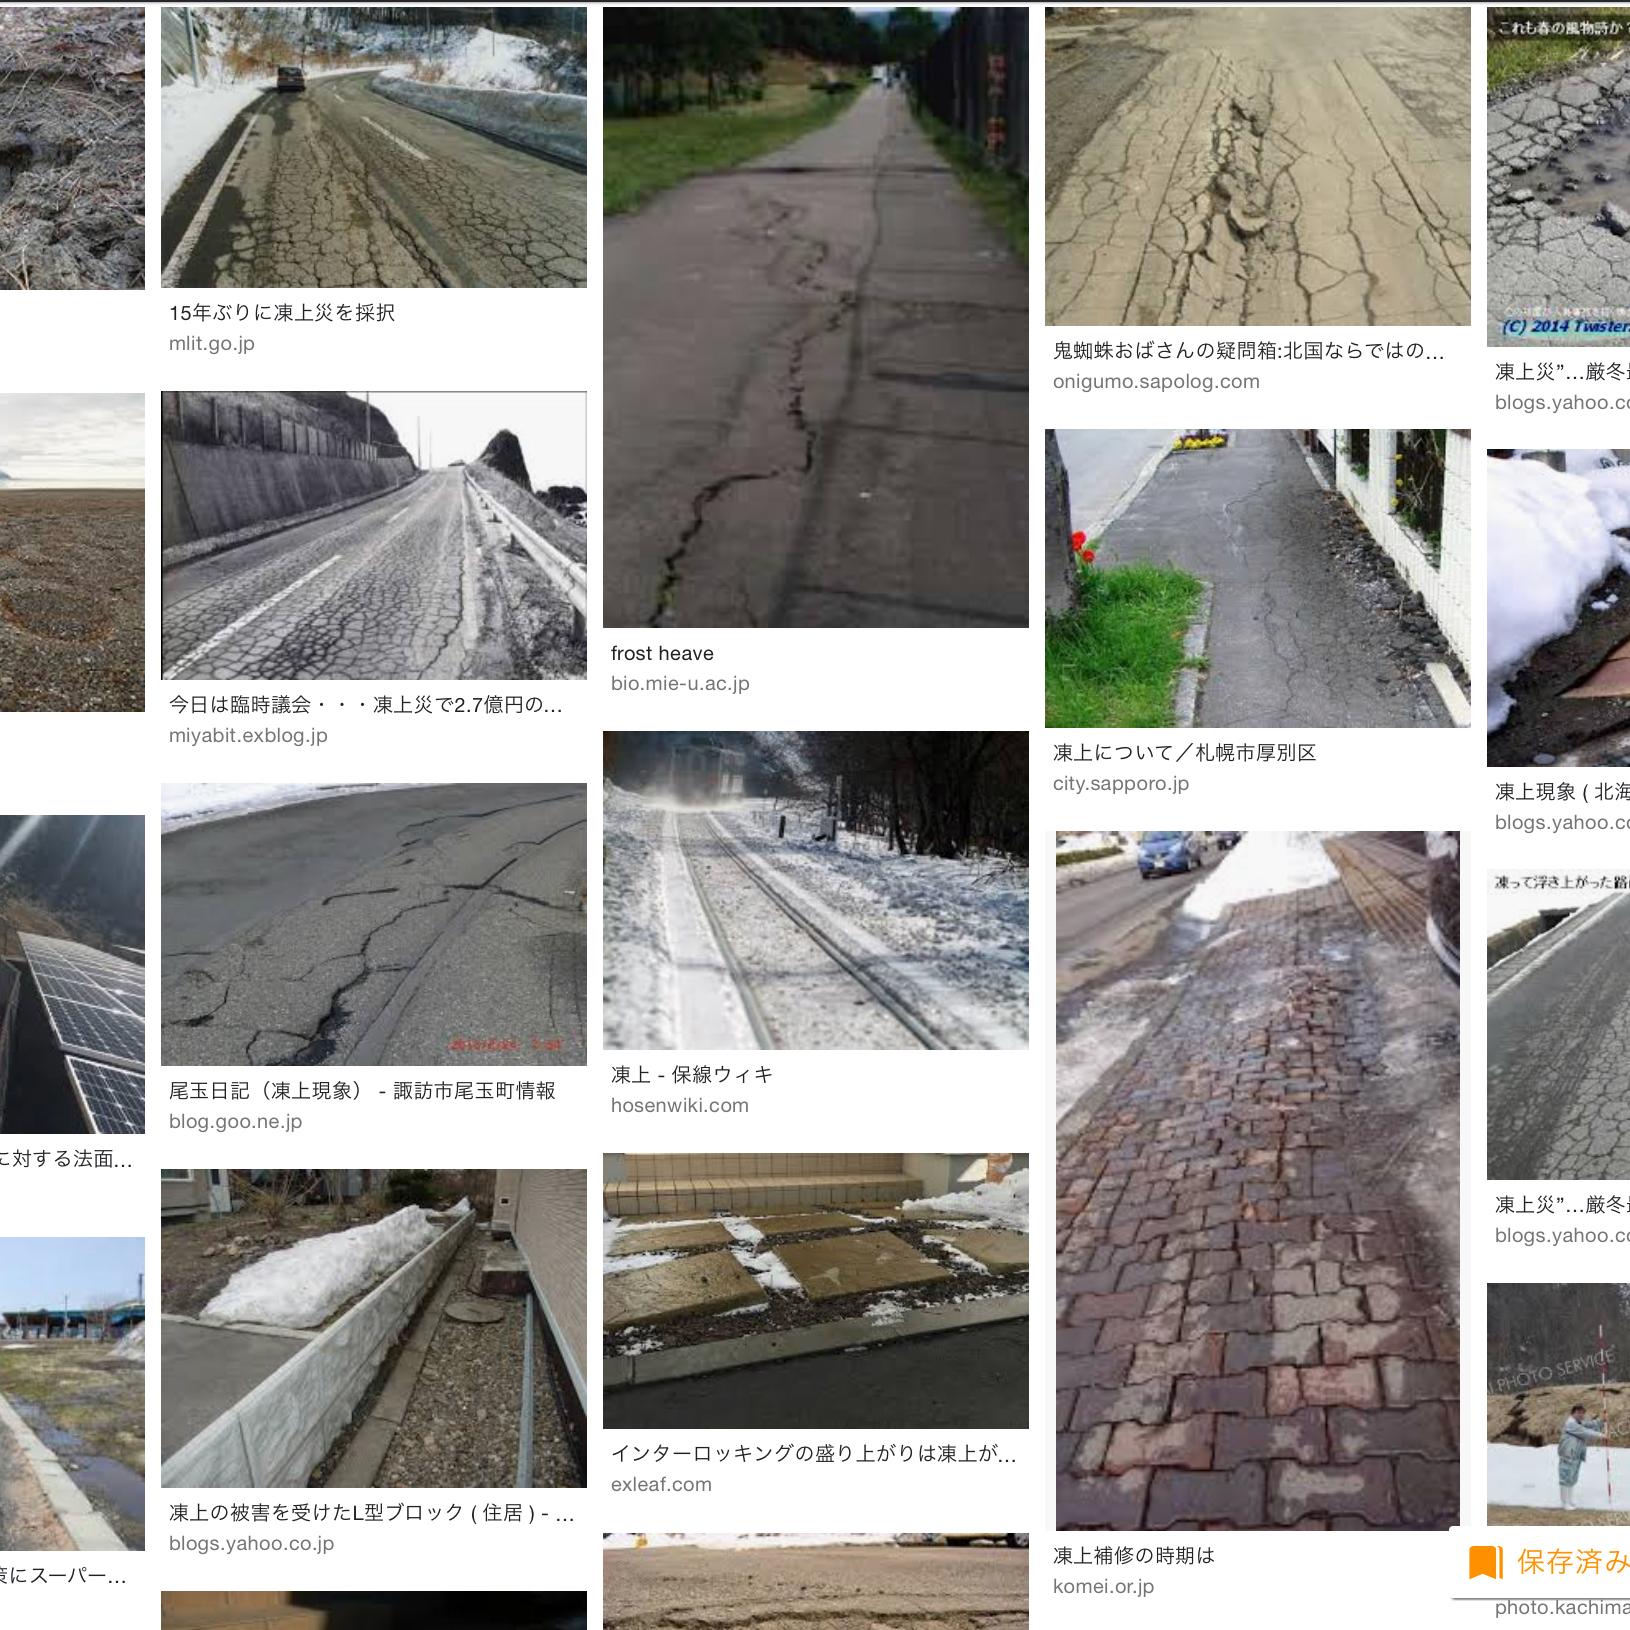 「土間コン最期のテーマ『凍上』|透水性コンクリート」